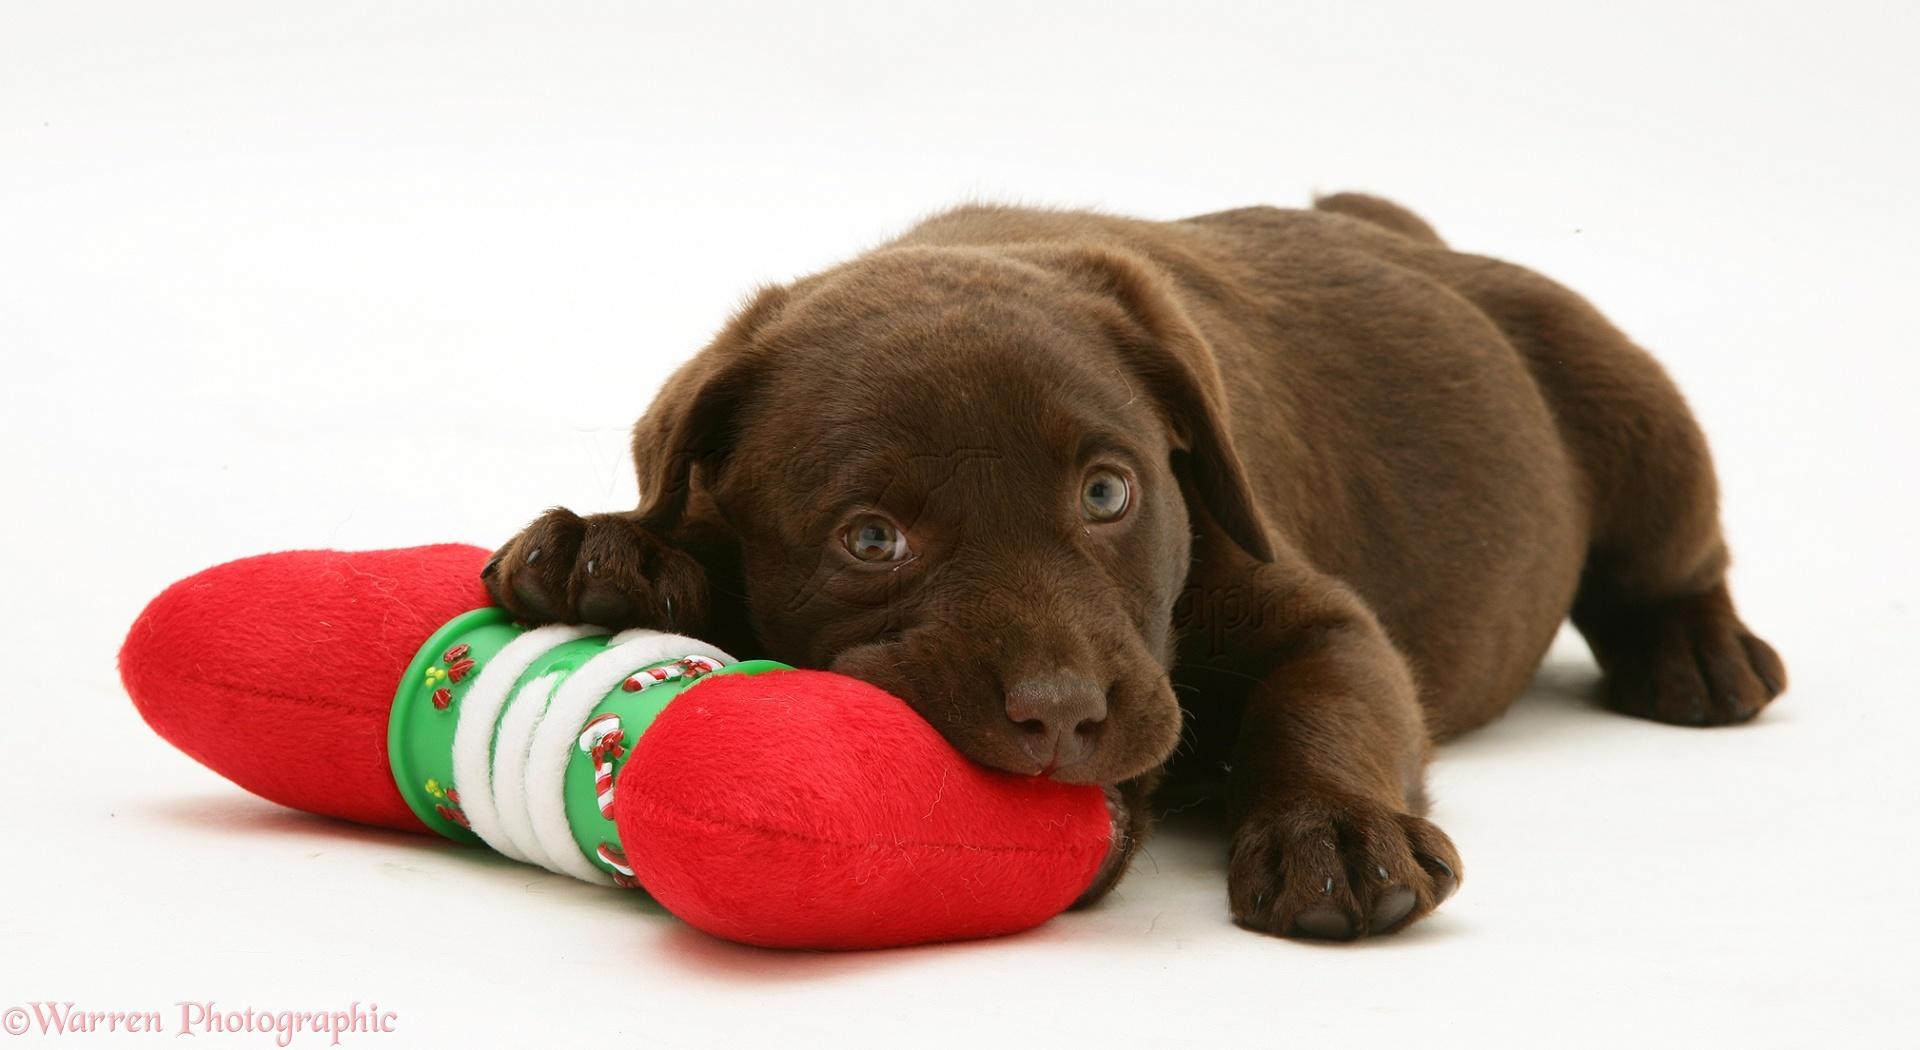 Dog Chocolate Labrador Retriever Pup Photo Wp23213